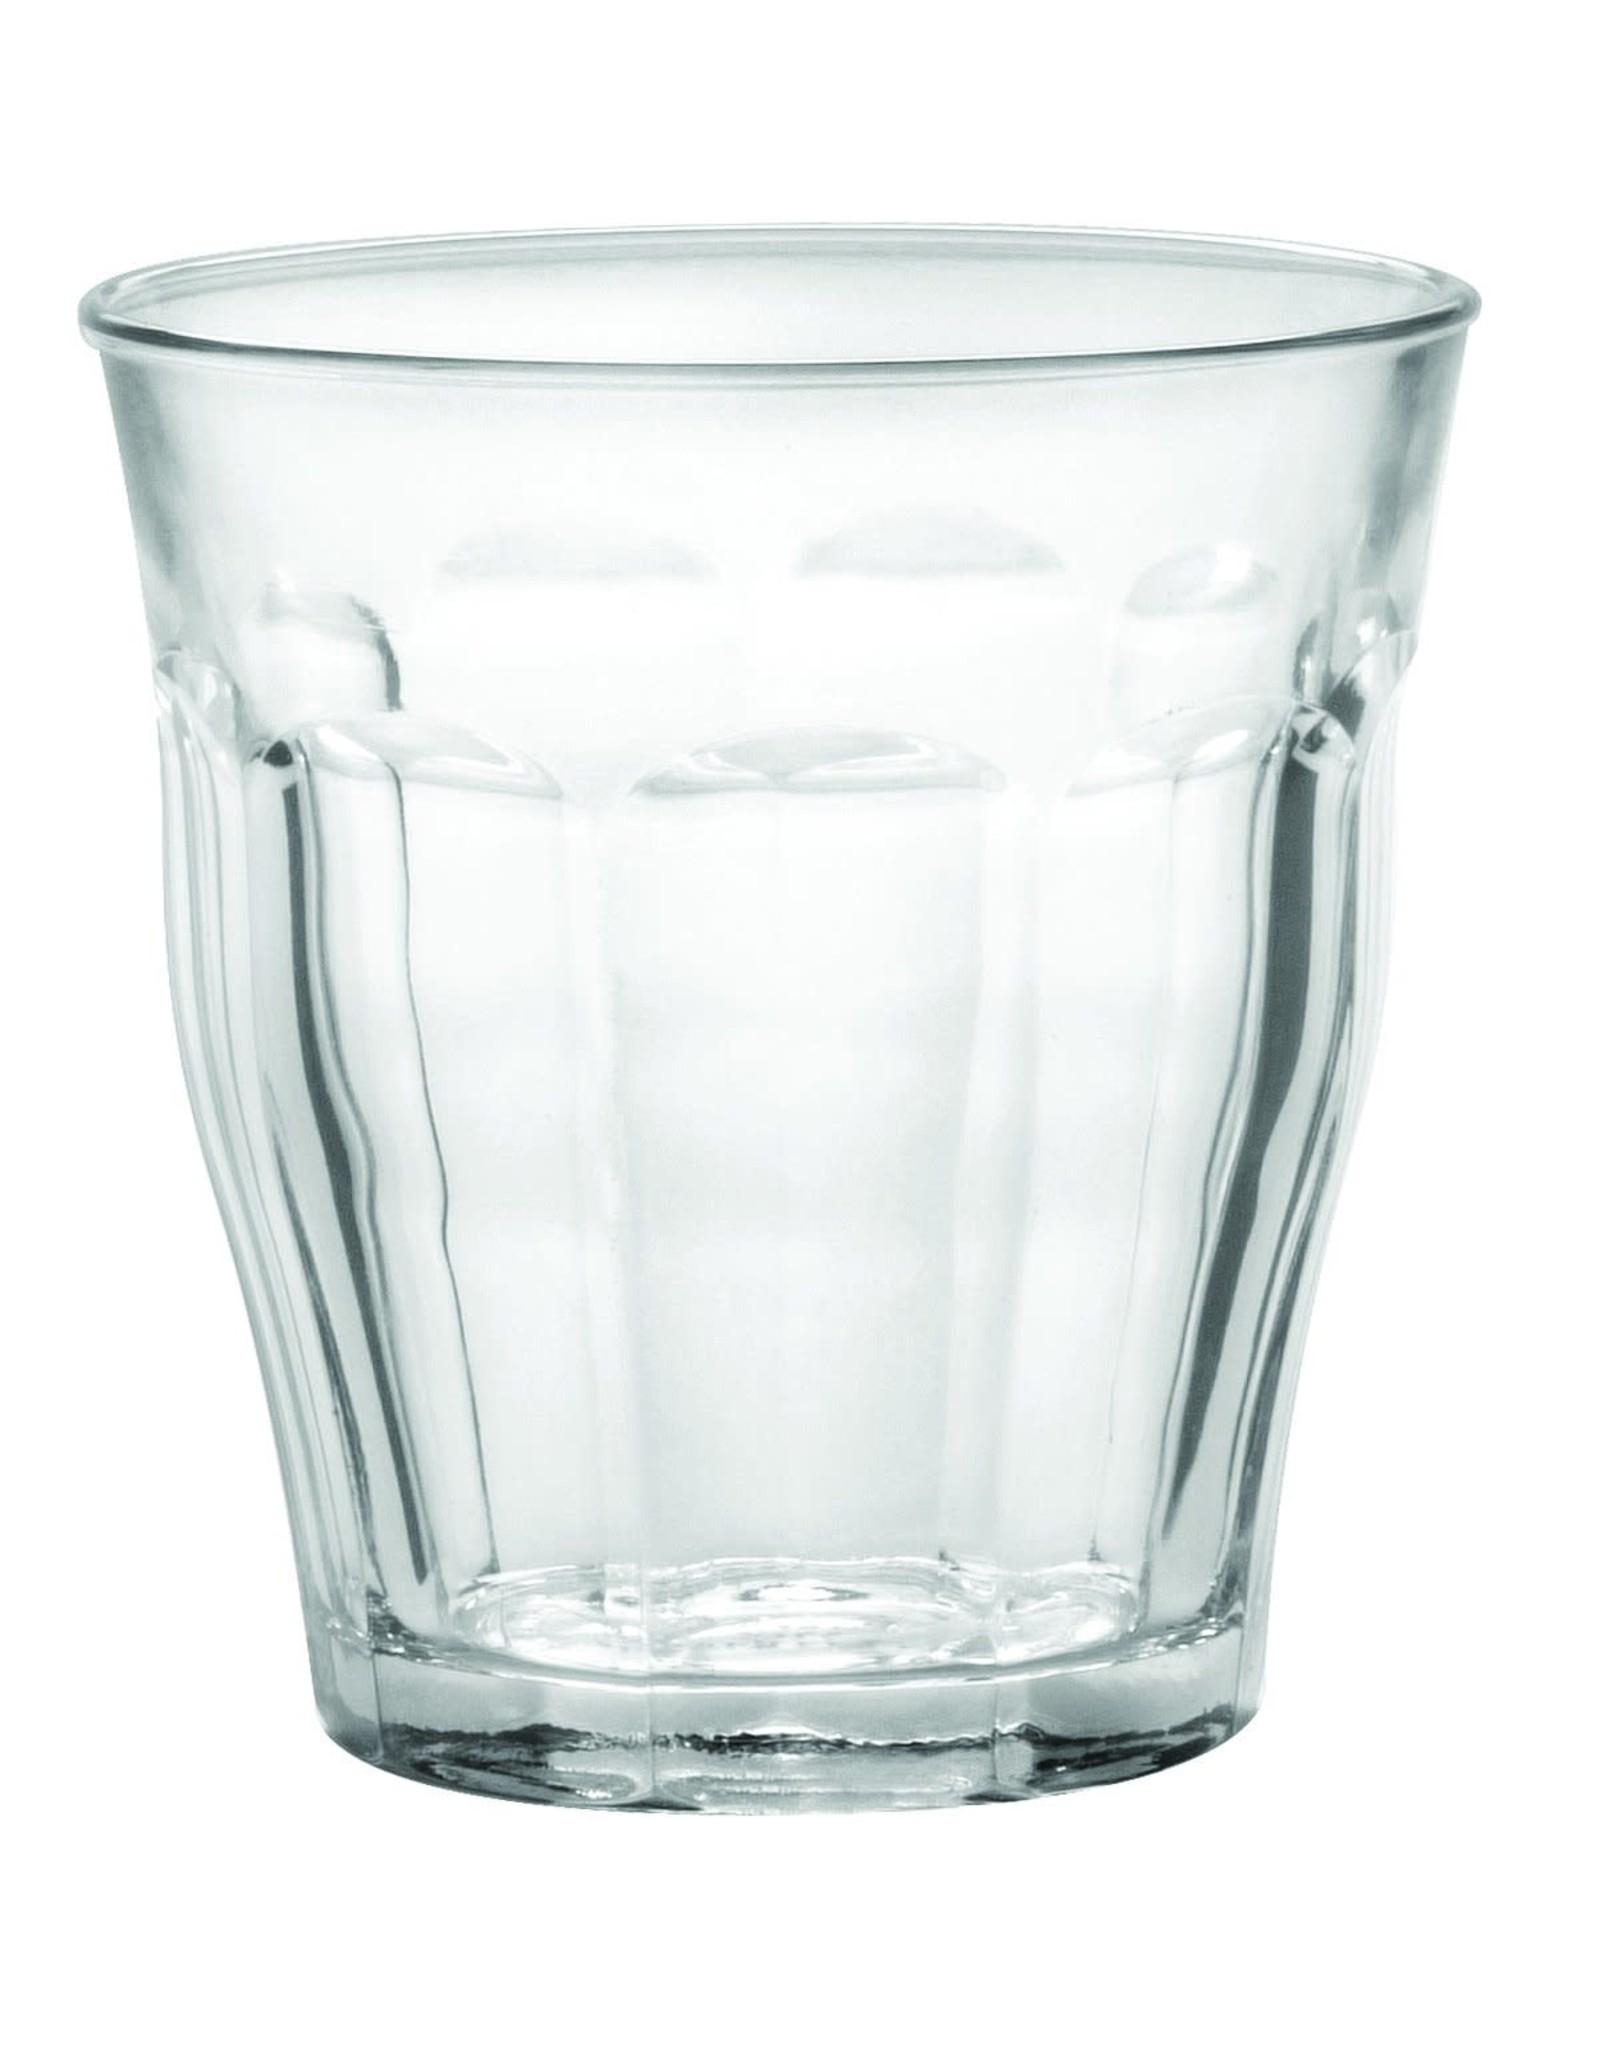 Picardie Clear Tumbler 10.875 oz